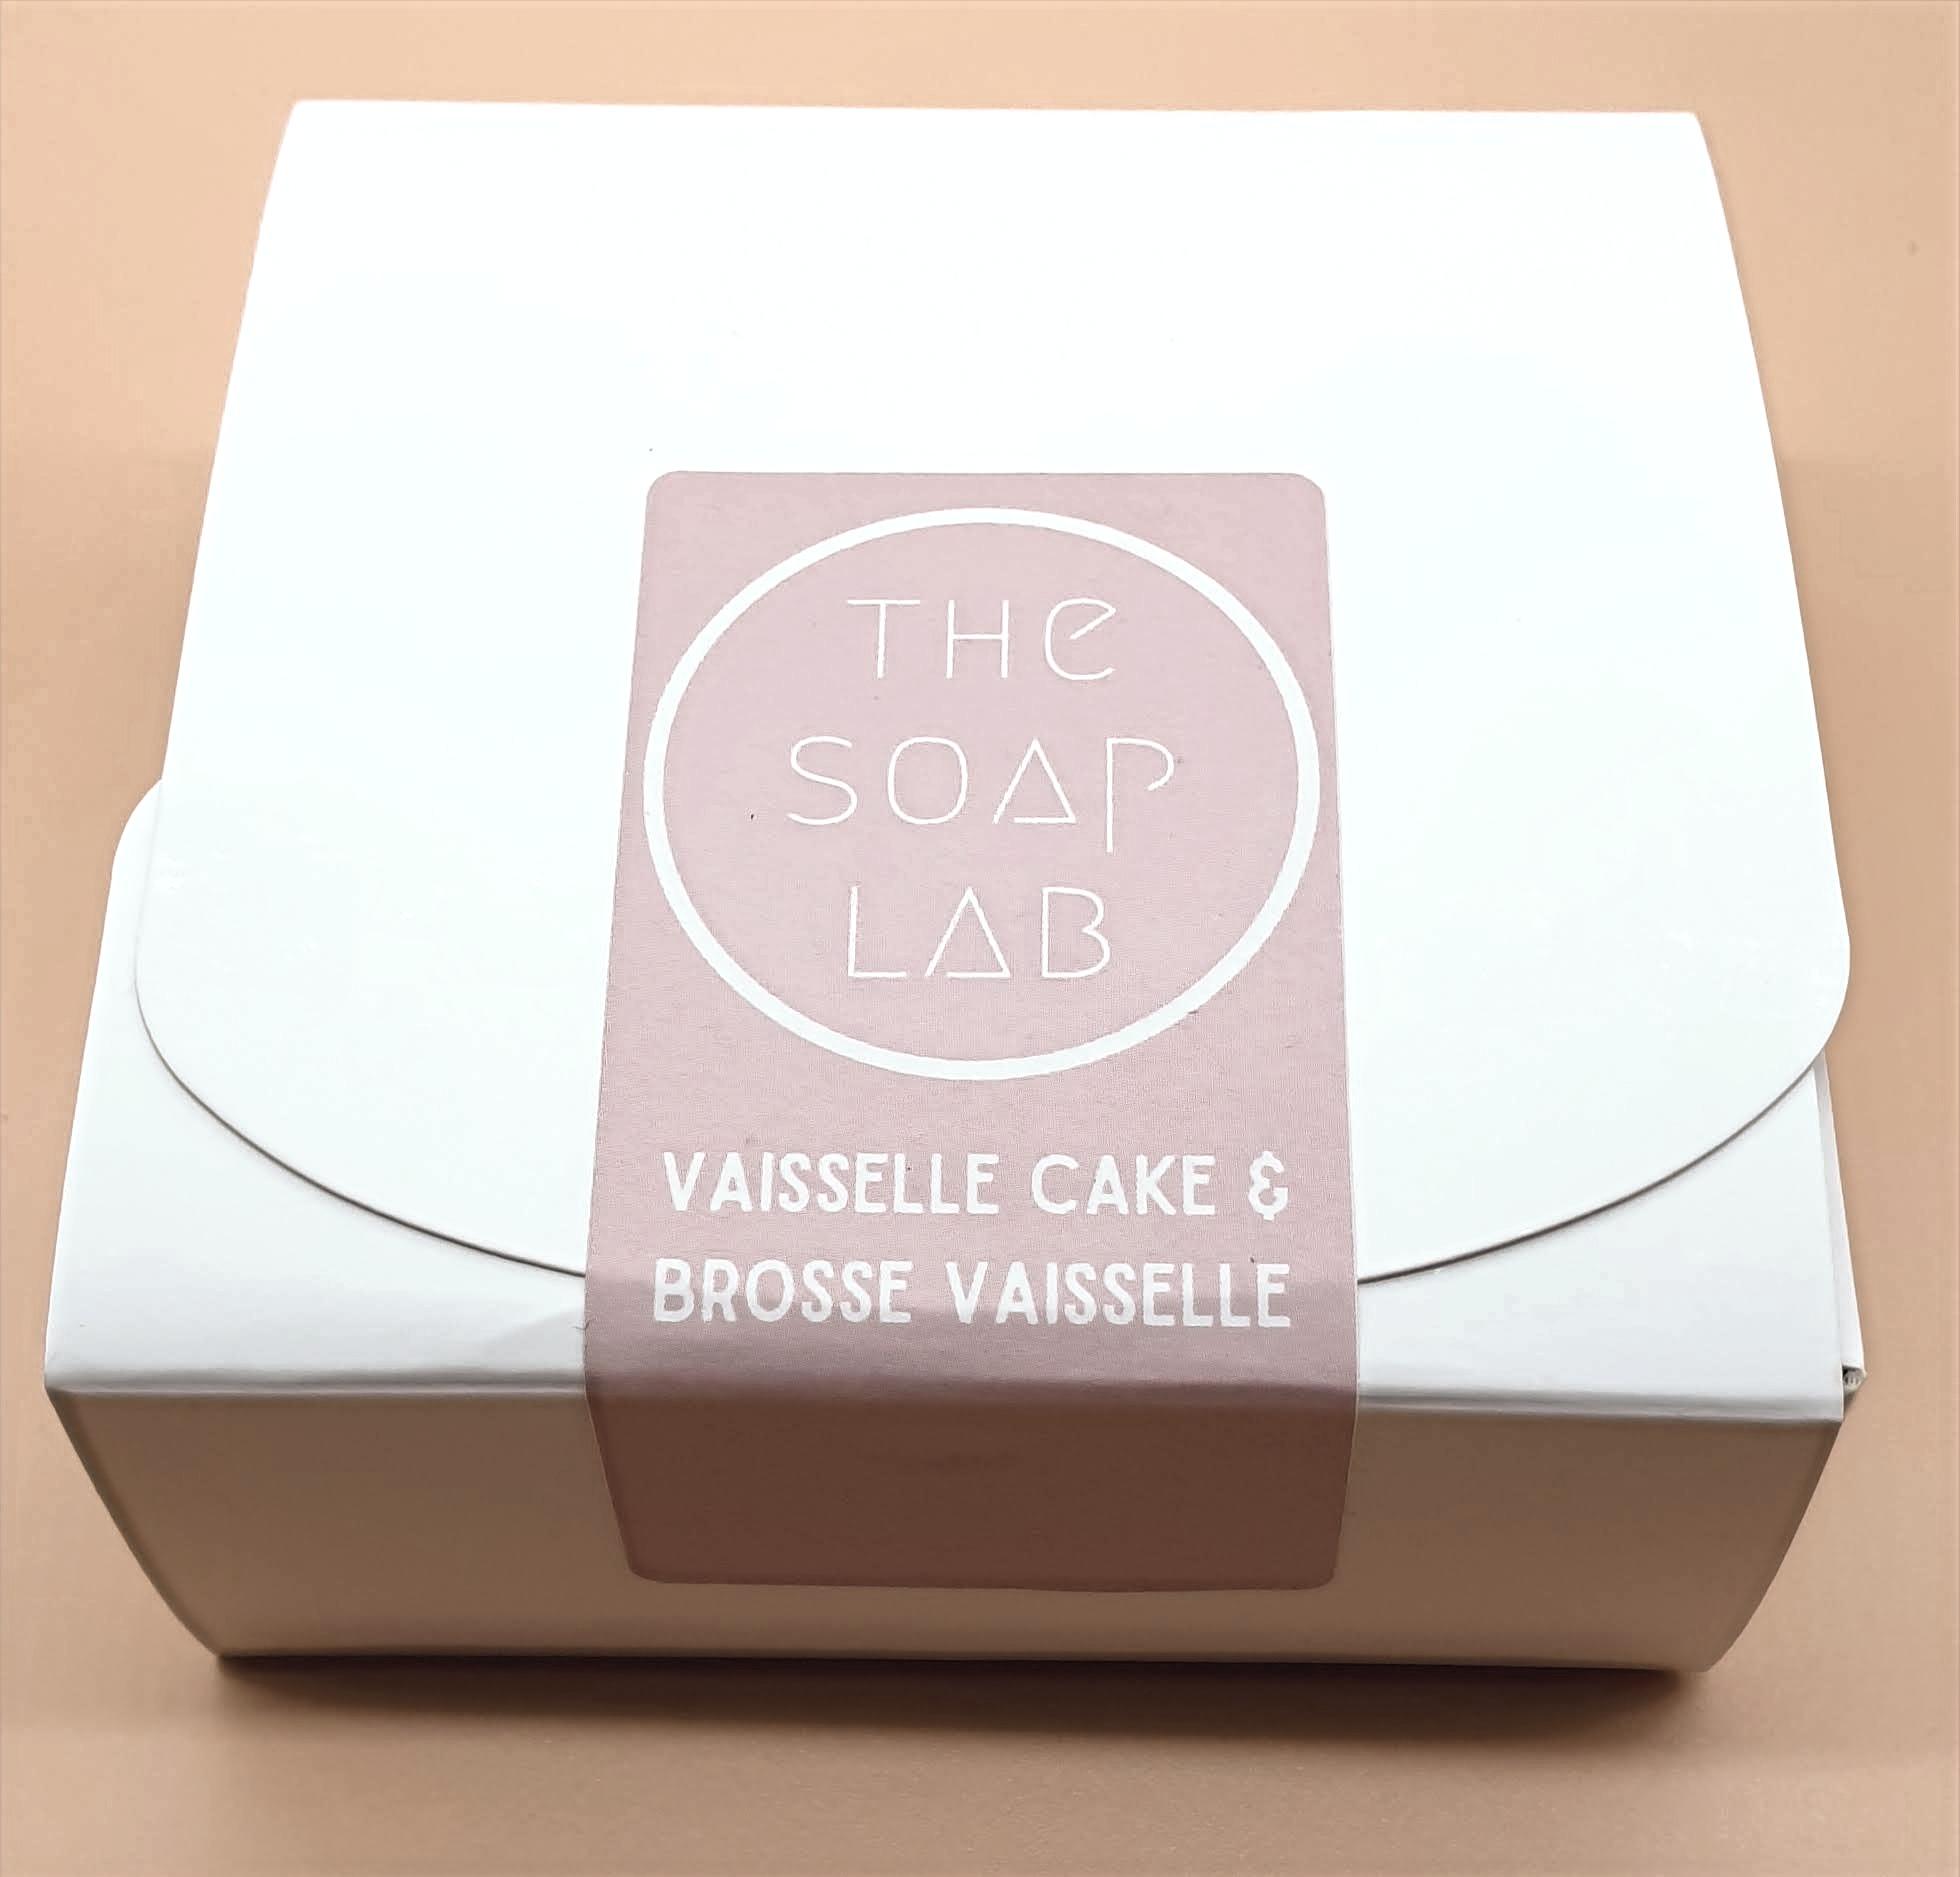 Thumbnail: Coffret vaisselle cake & brosse ou éponge